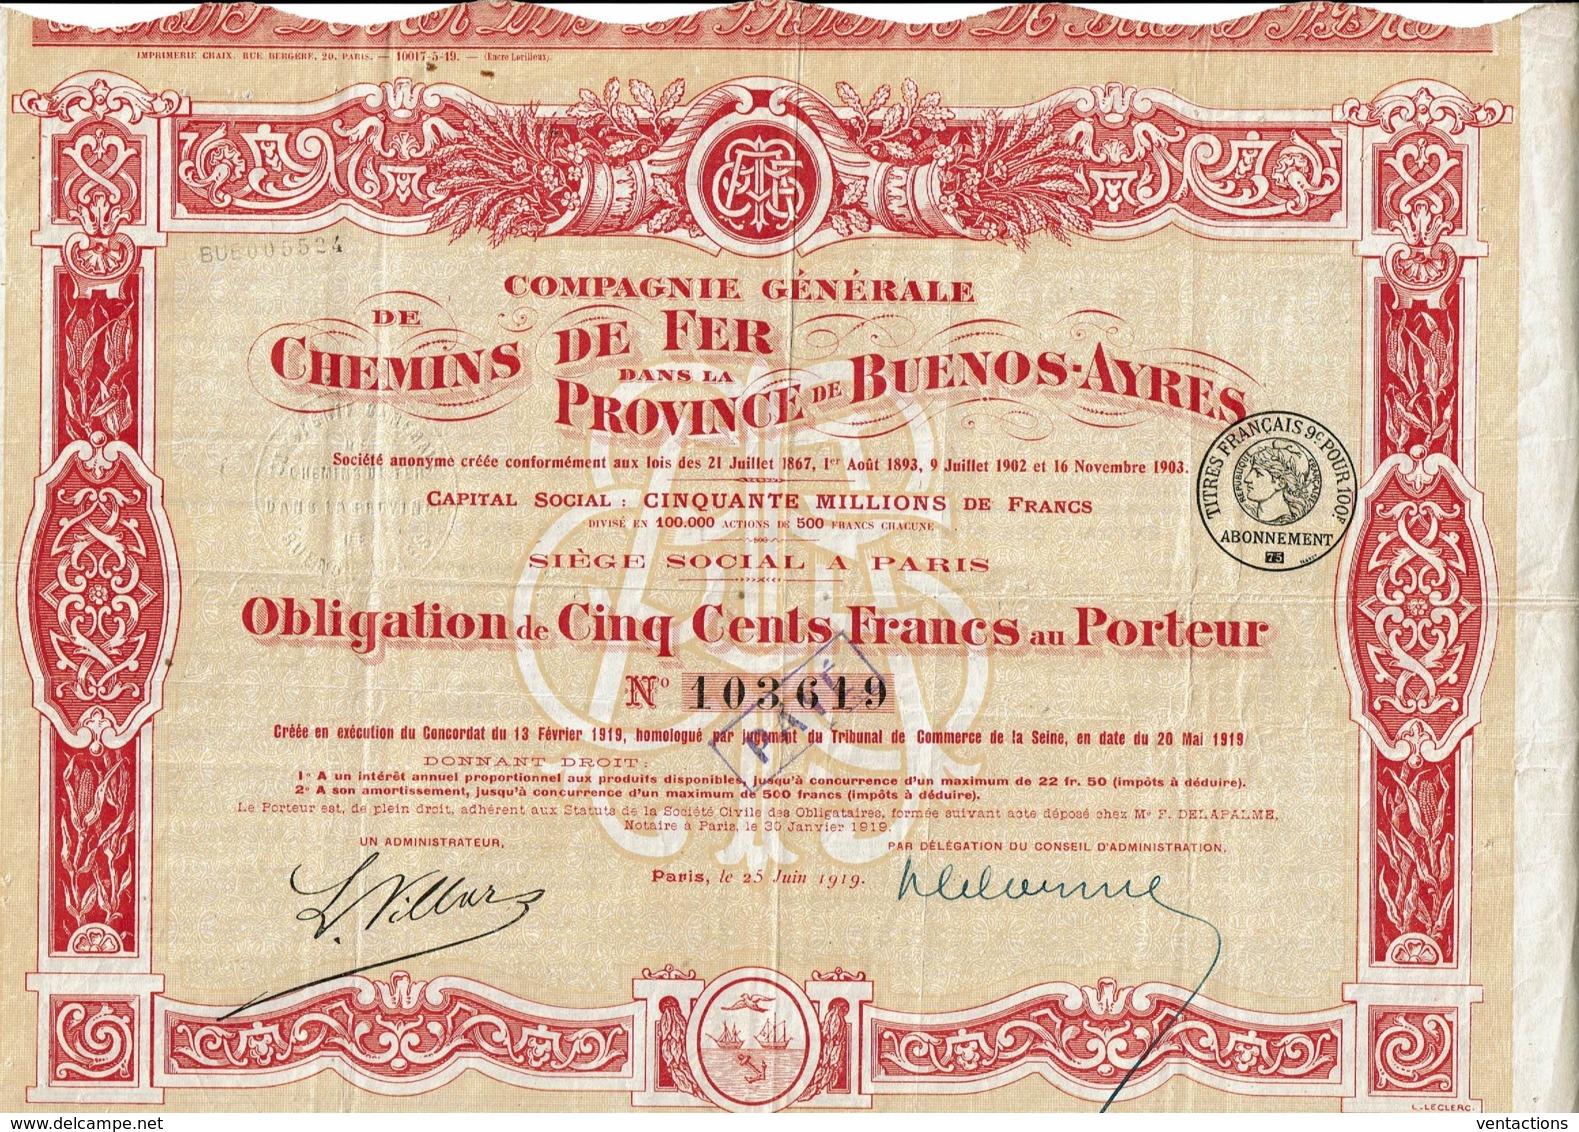 ARGENTINE-CHEMINS DE FER DANS LA PROVINCE DE BUENOS AYRES. Obligation 1919 - Shareholdings